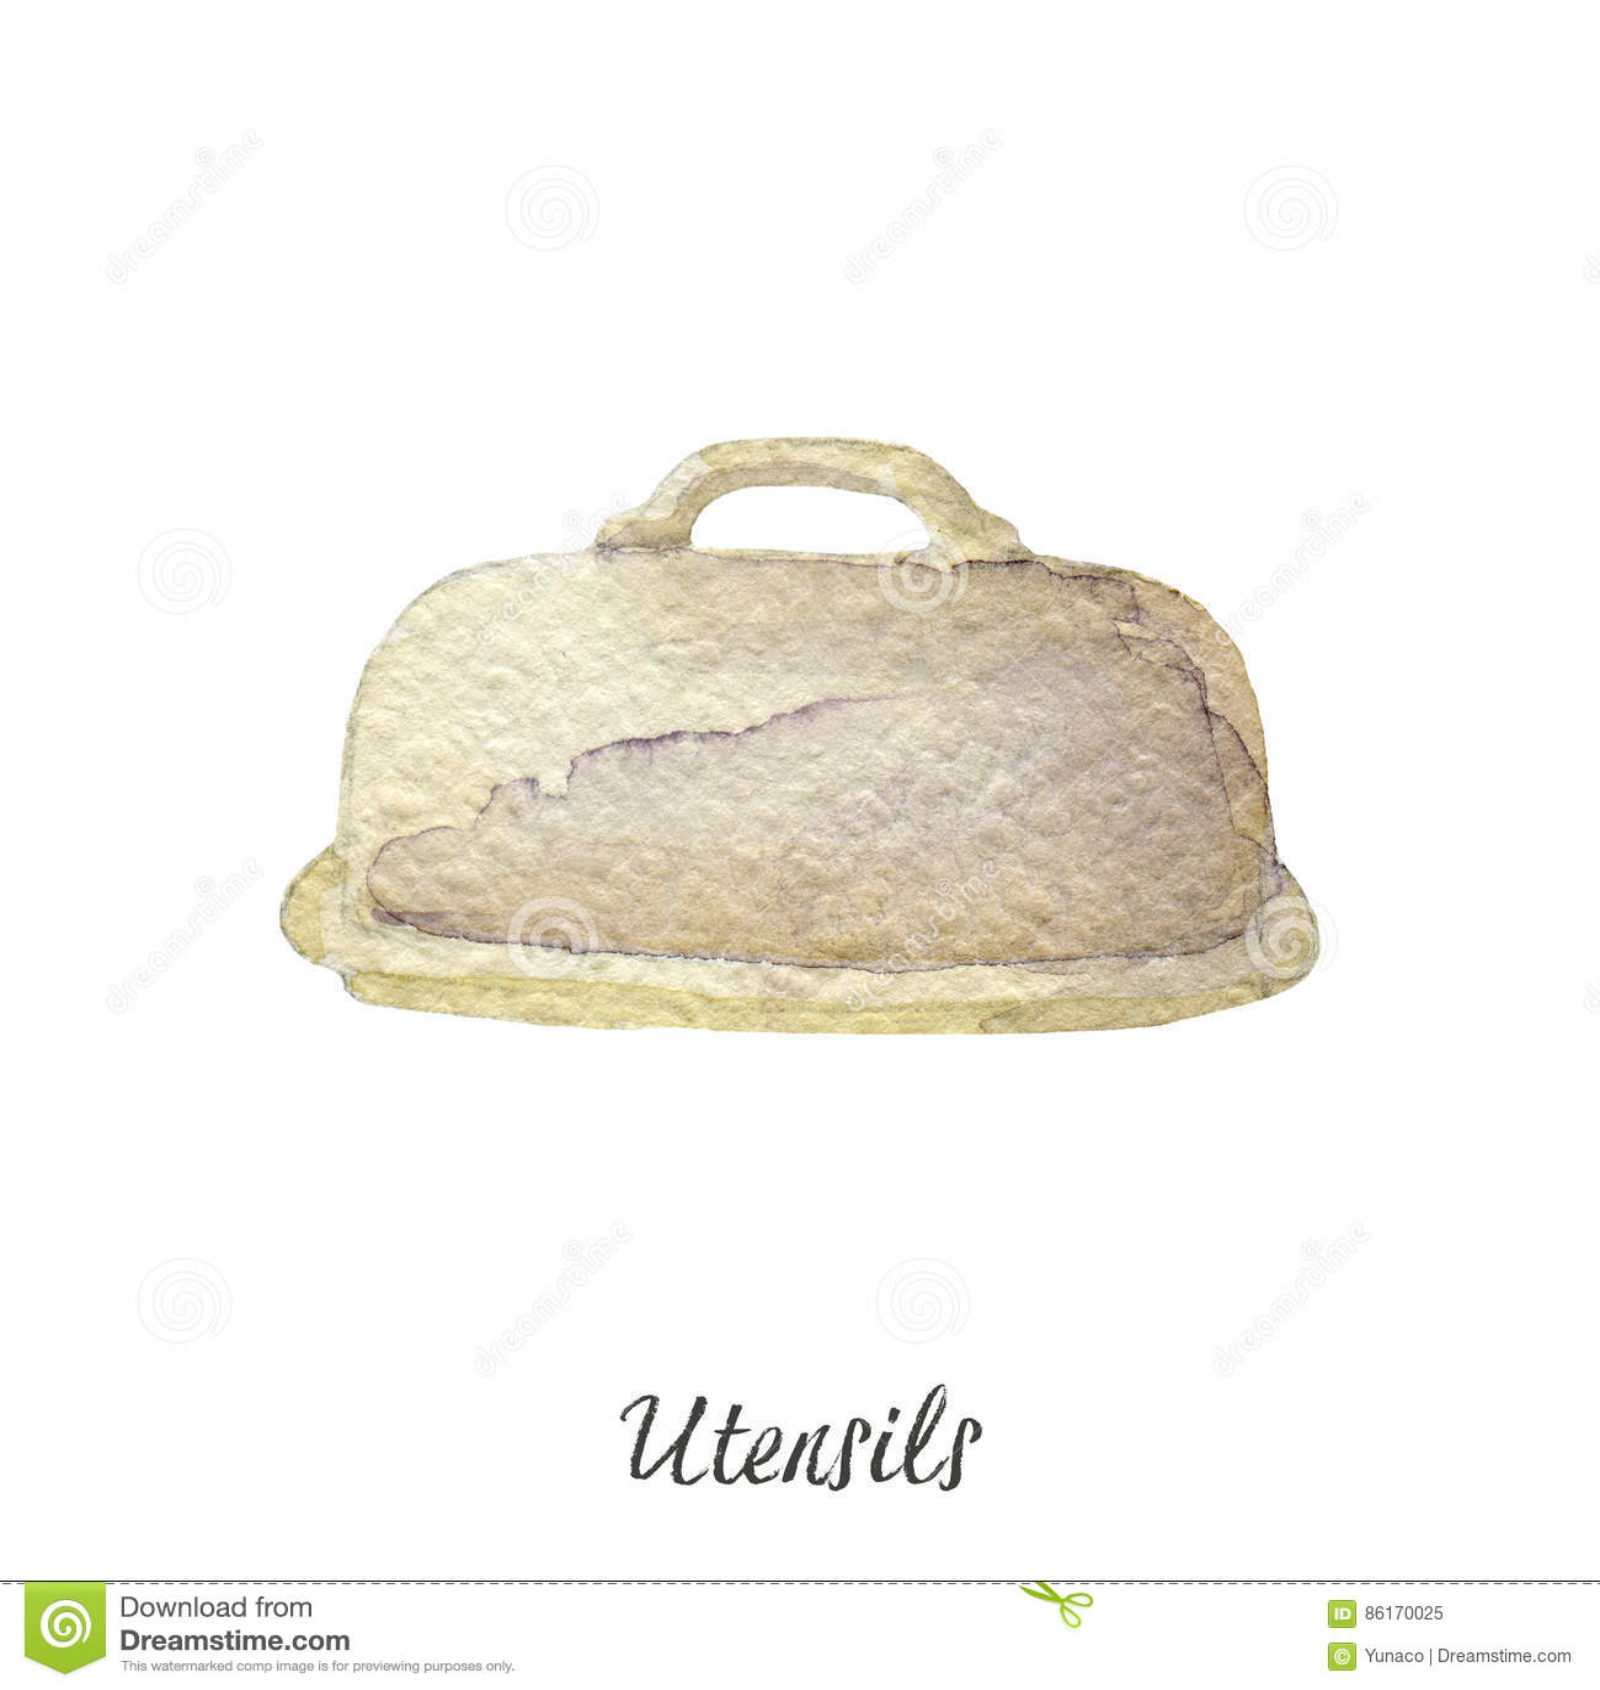 White Kitchen Utensils butter holder watercolor illustration on white kitchen utensils